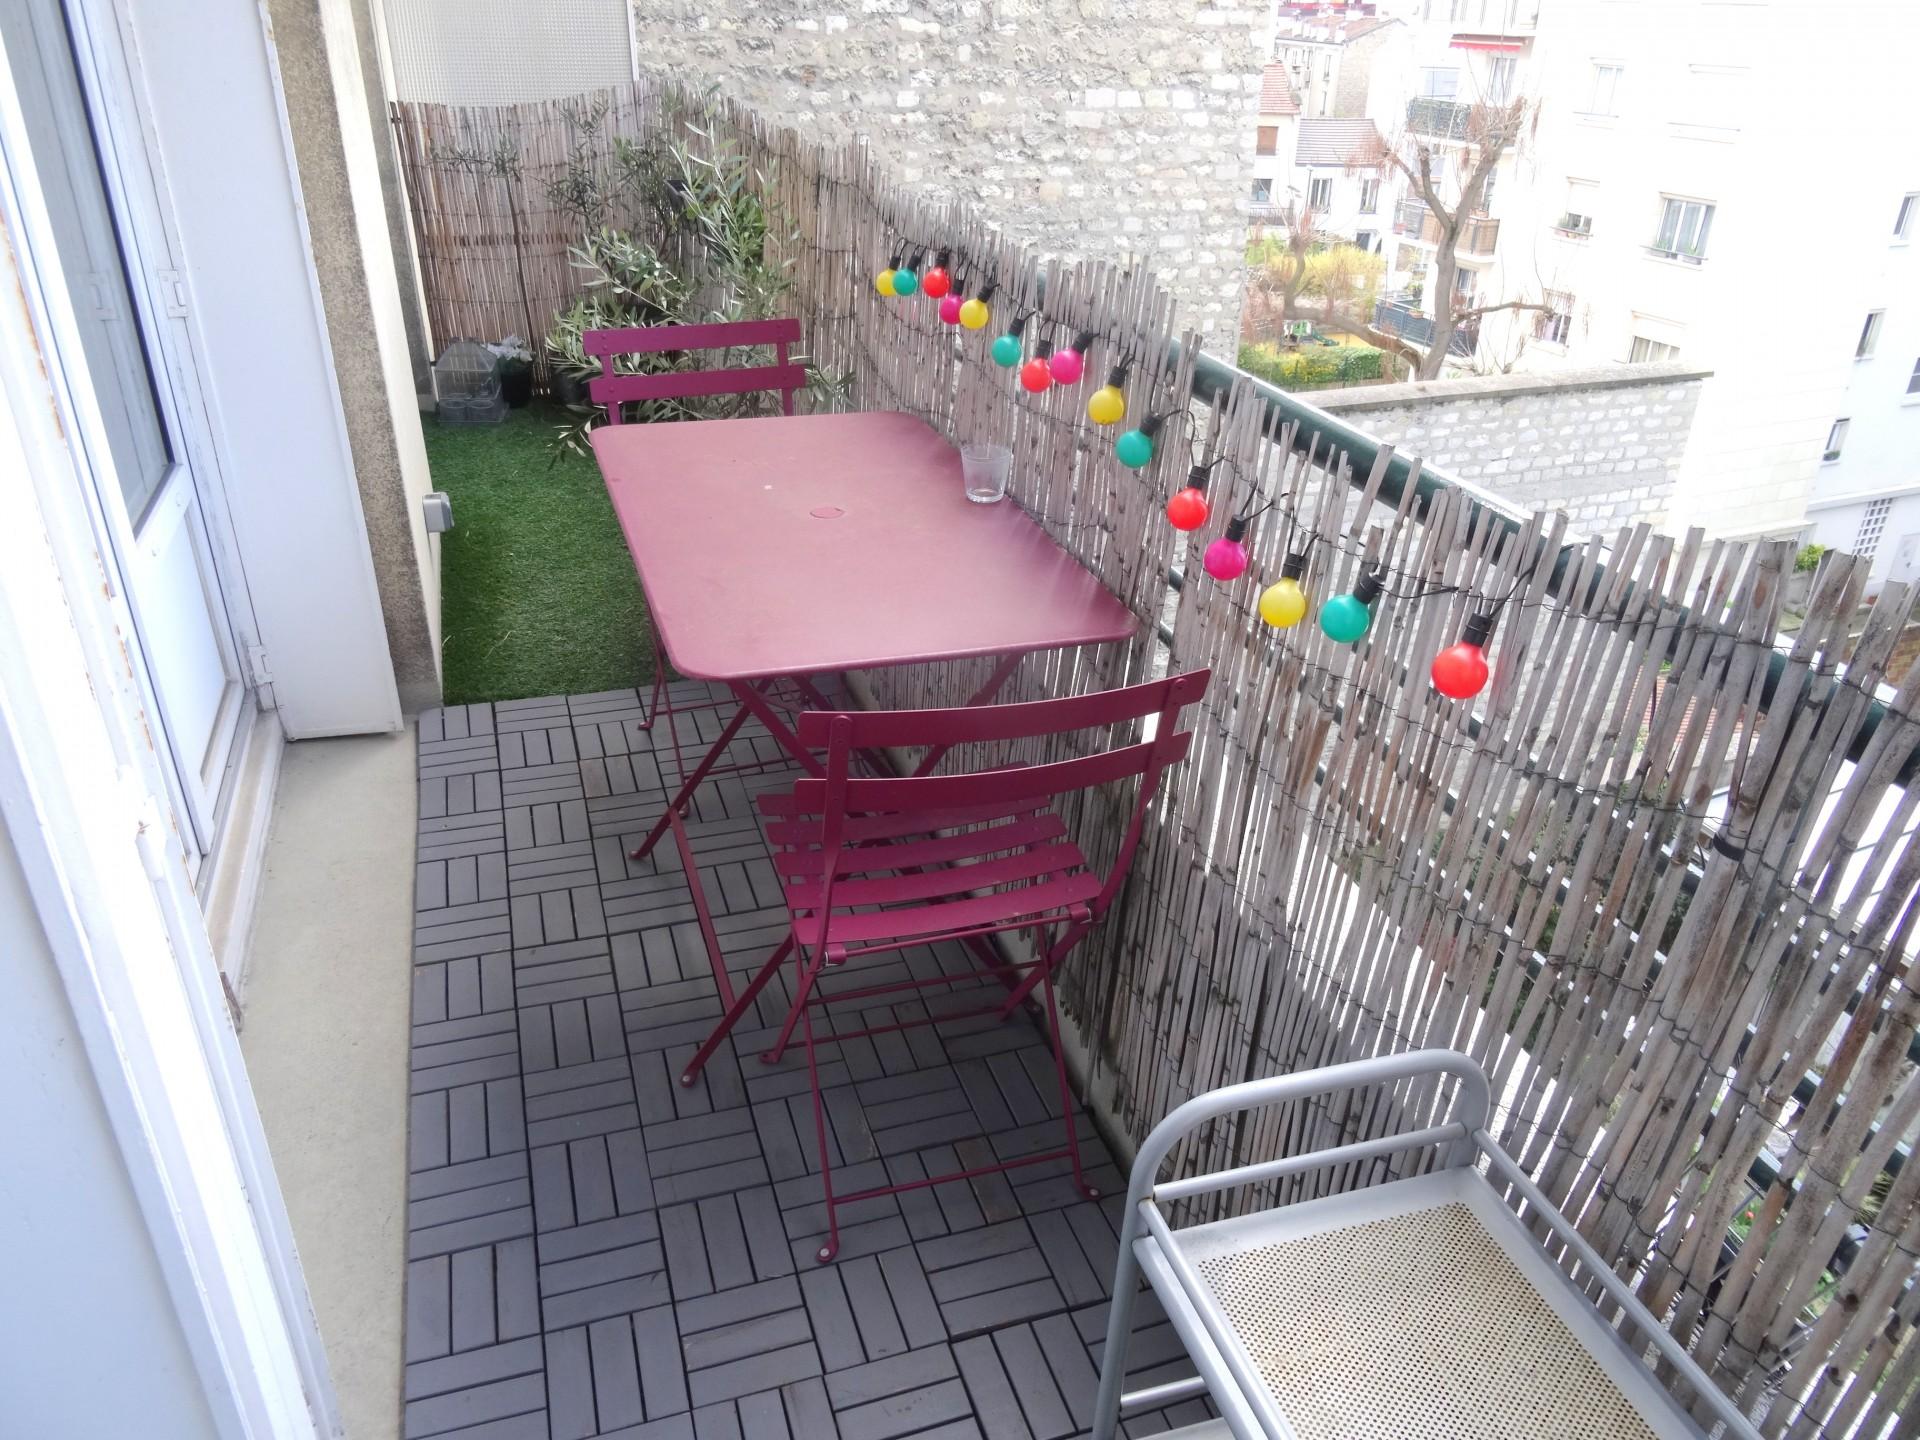 la-clef-des-villes-agence-immobiliere-boulogne-billancourt-photo-appartement-route-de-la-reine-balcon